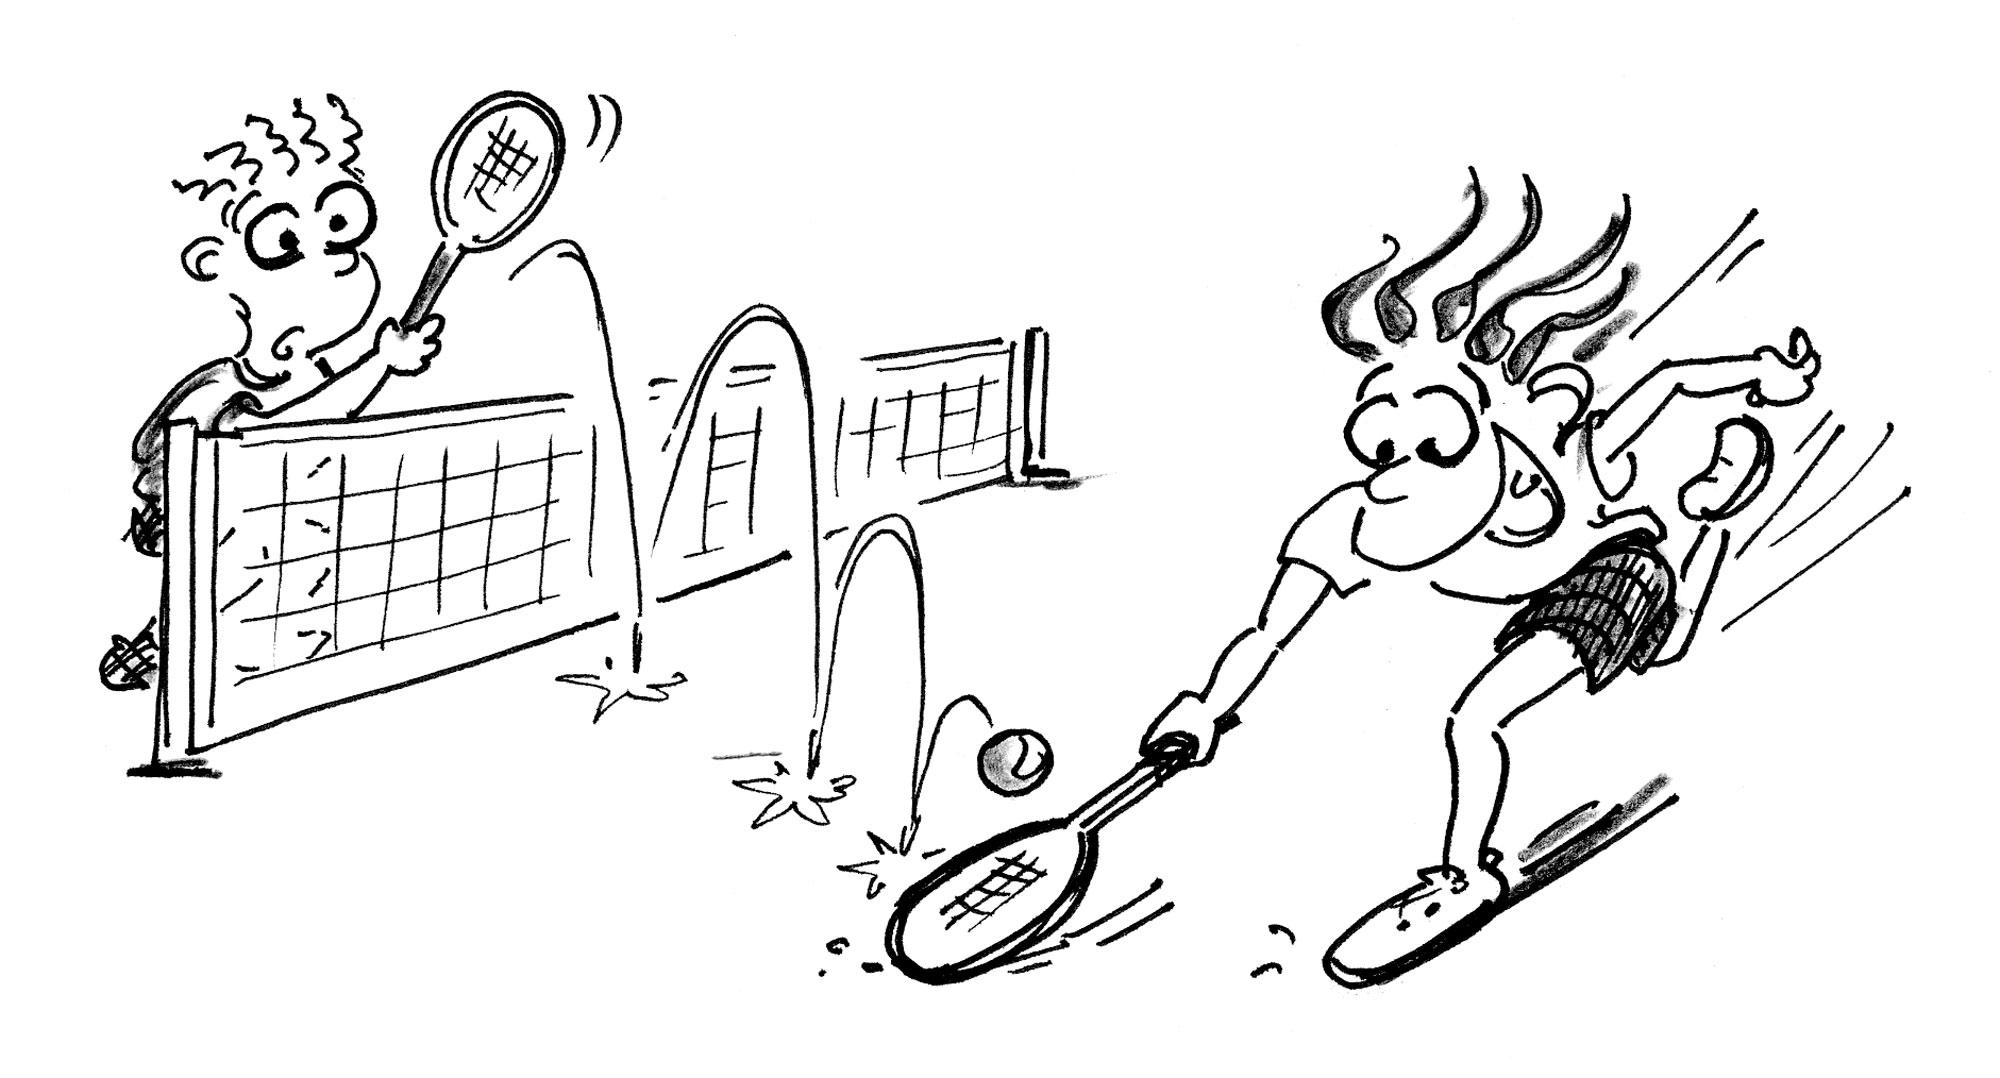 jeux de renvoi avec enfants tennis la balle ne meurt. Black Bedroom Furniture Sets. Home Design Ideas